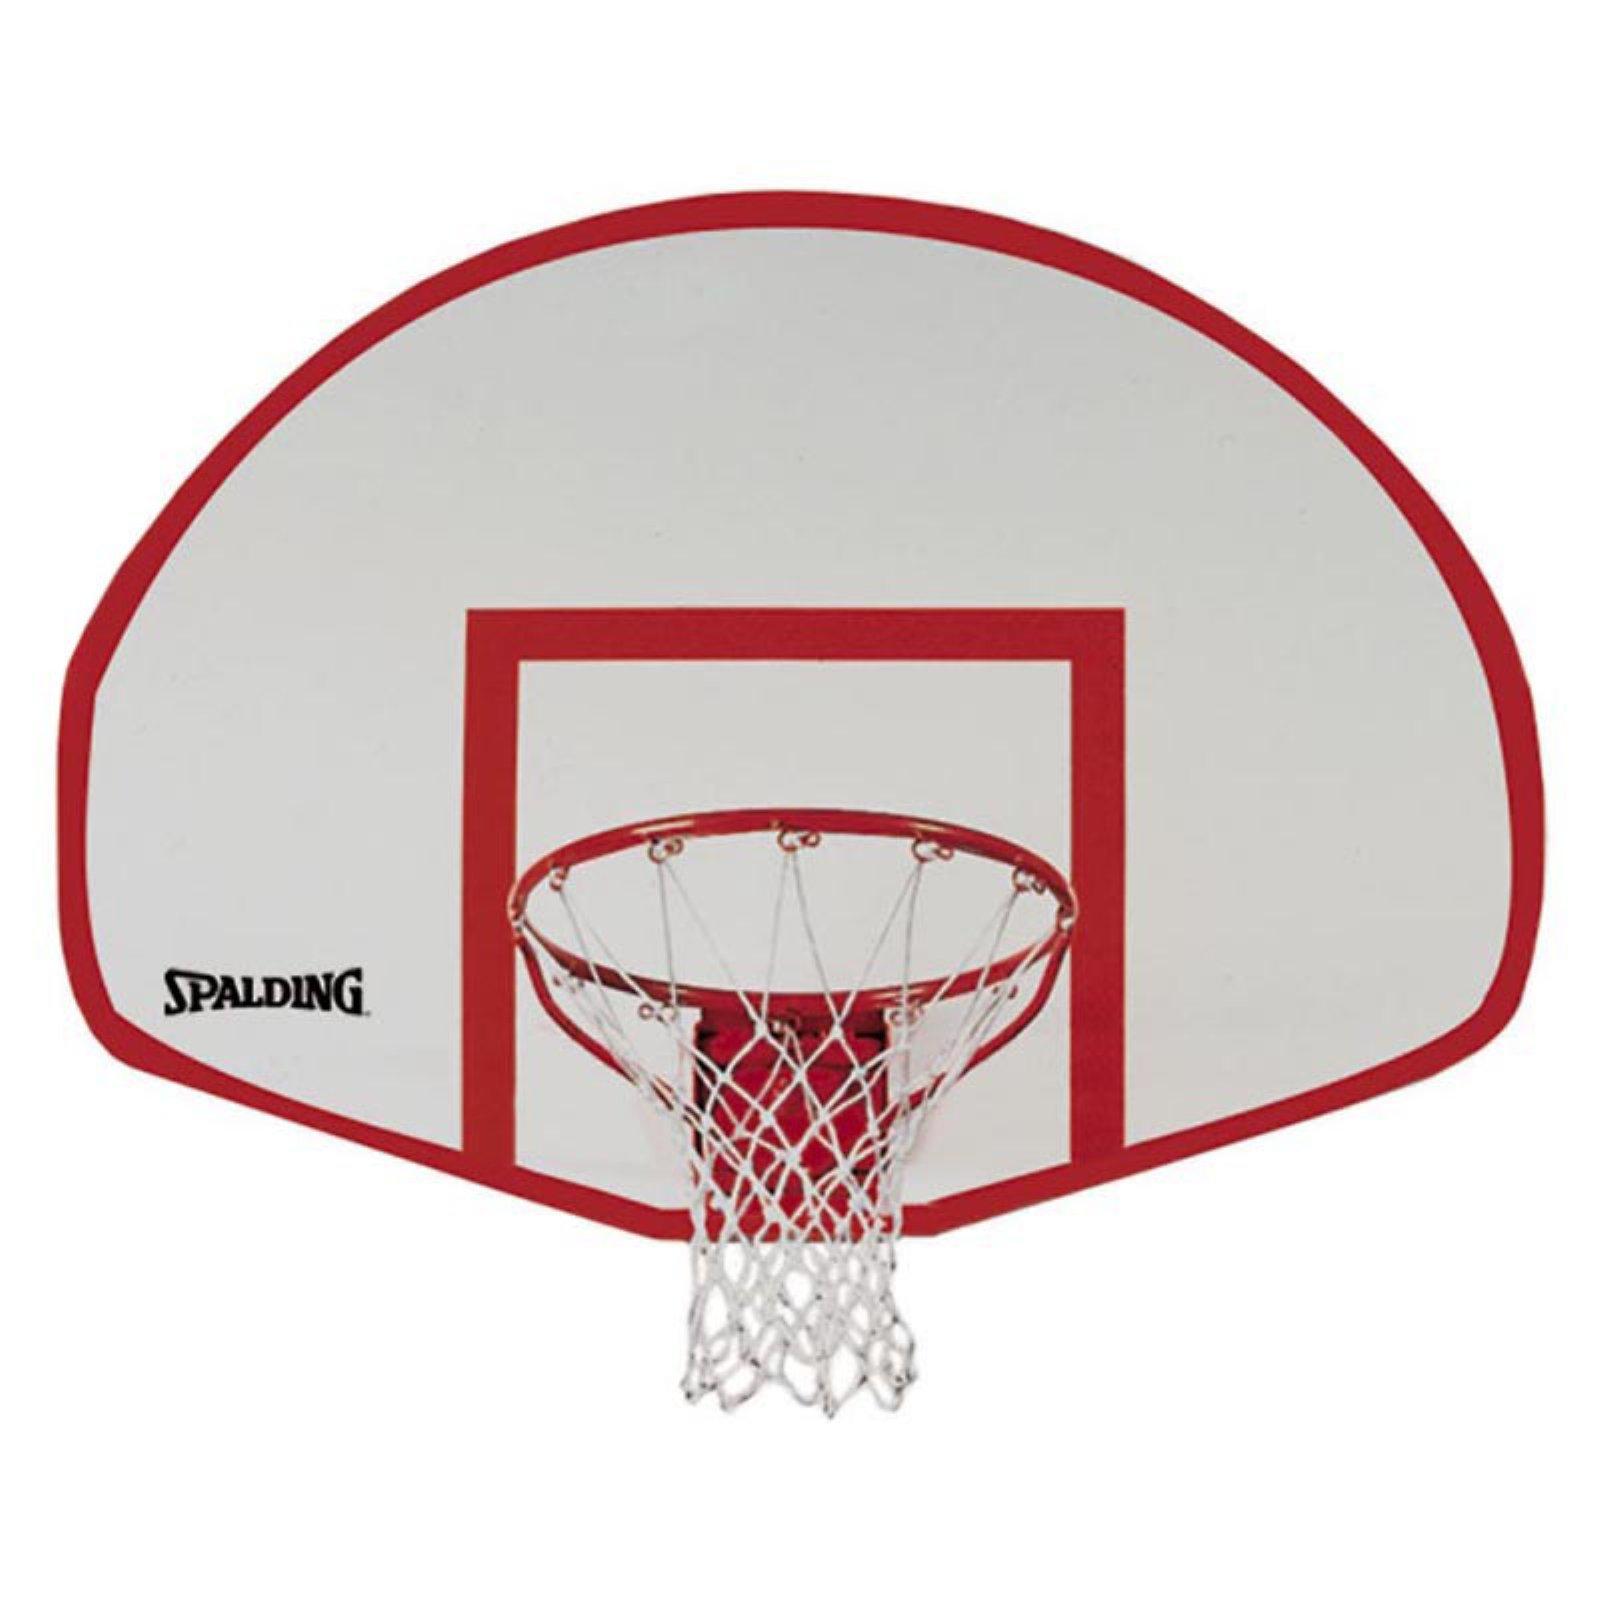 Fiberglass Fan Spalding Basketball Backboard - 54 x 39